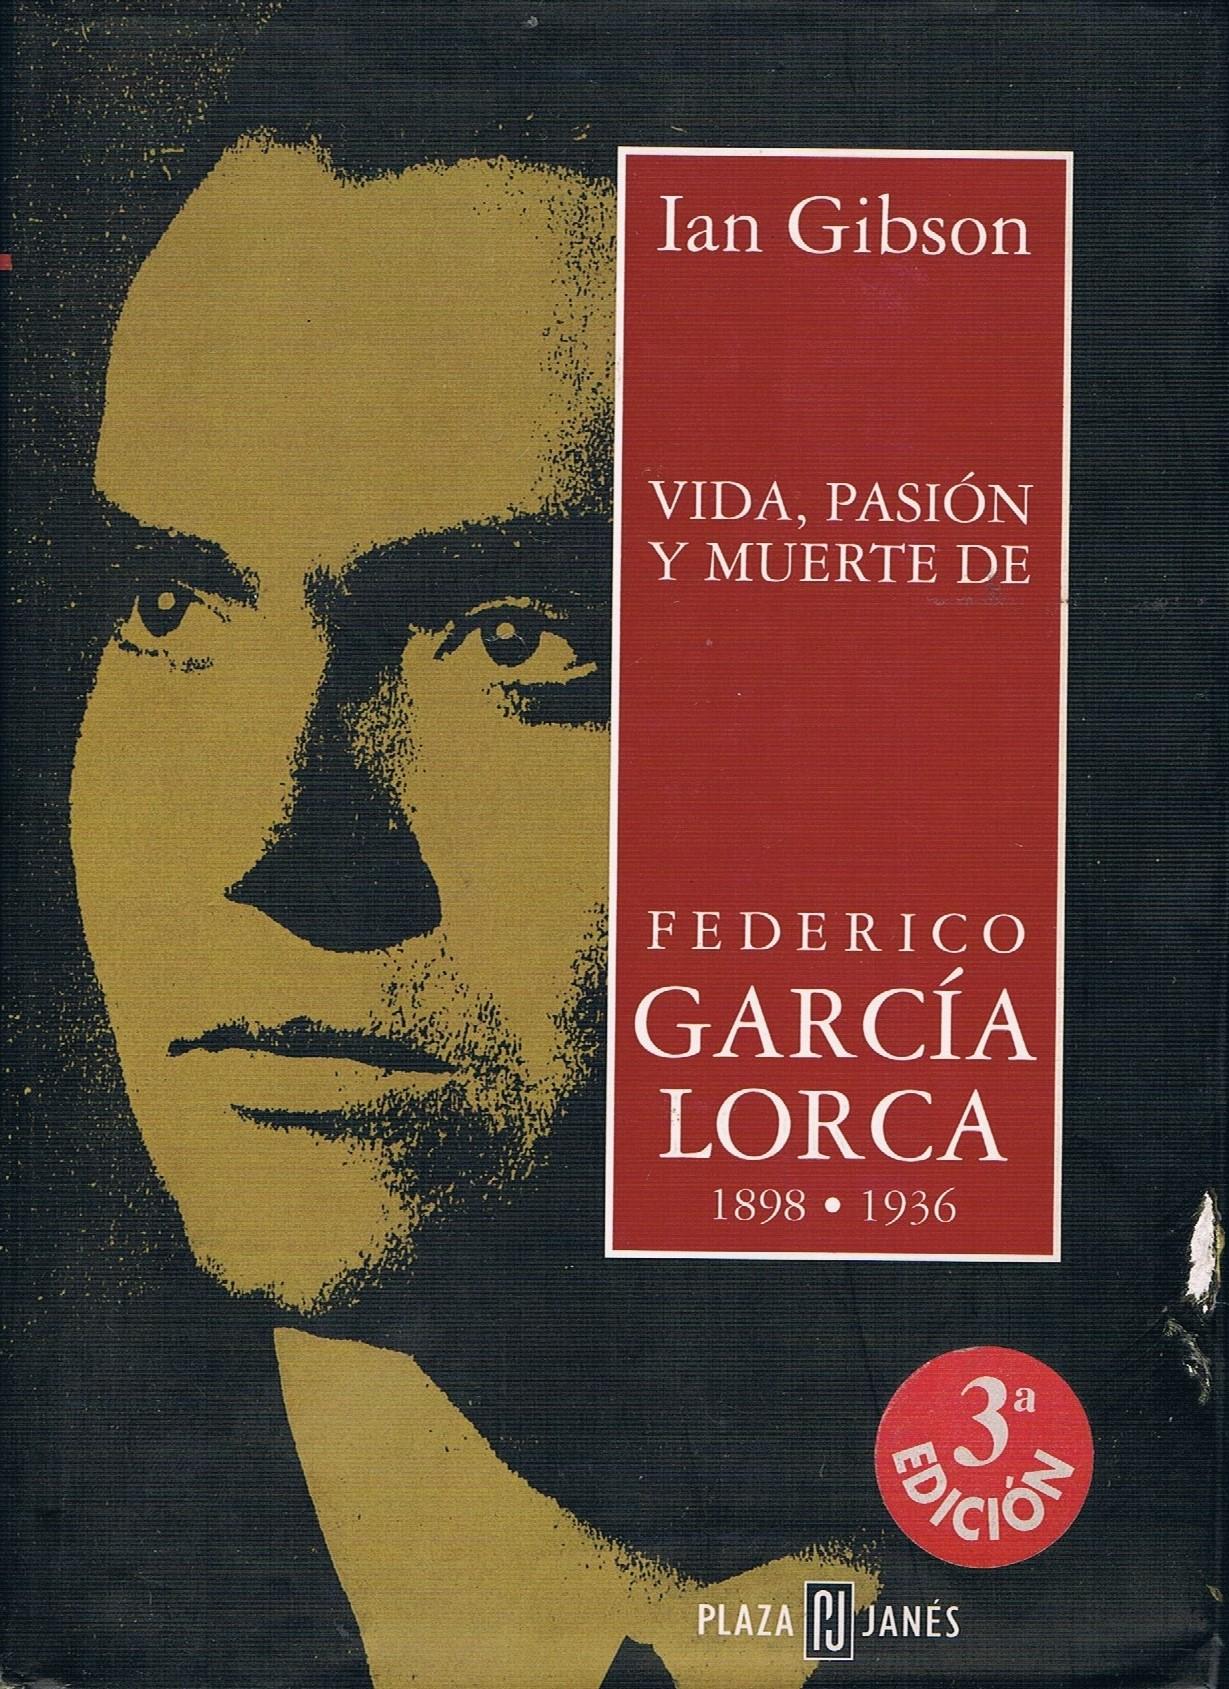 Ian Gibson, biógrafo de Lorca